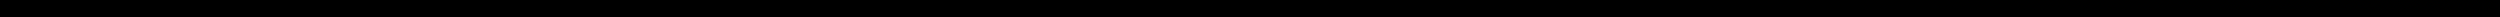 Black Bar for Website.jpg